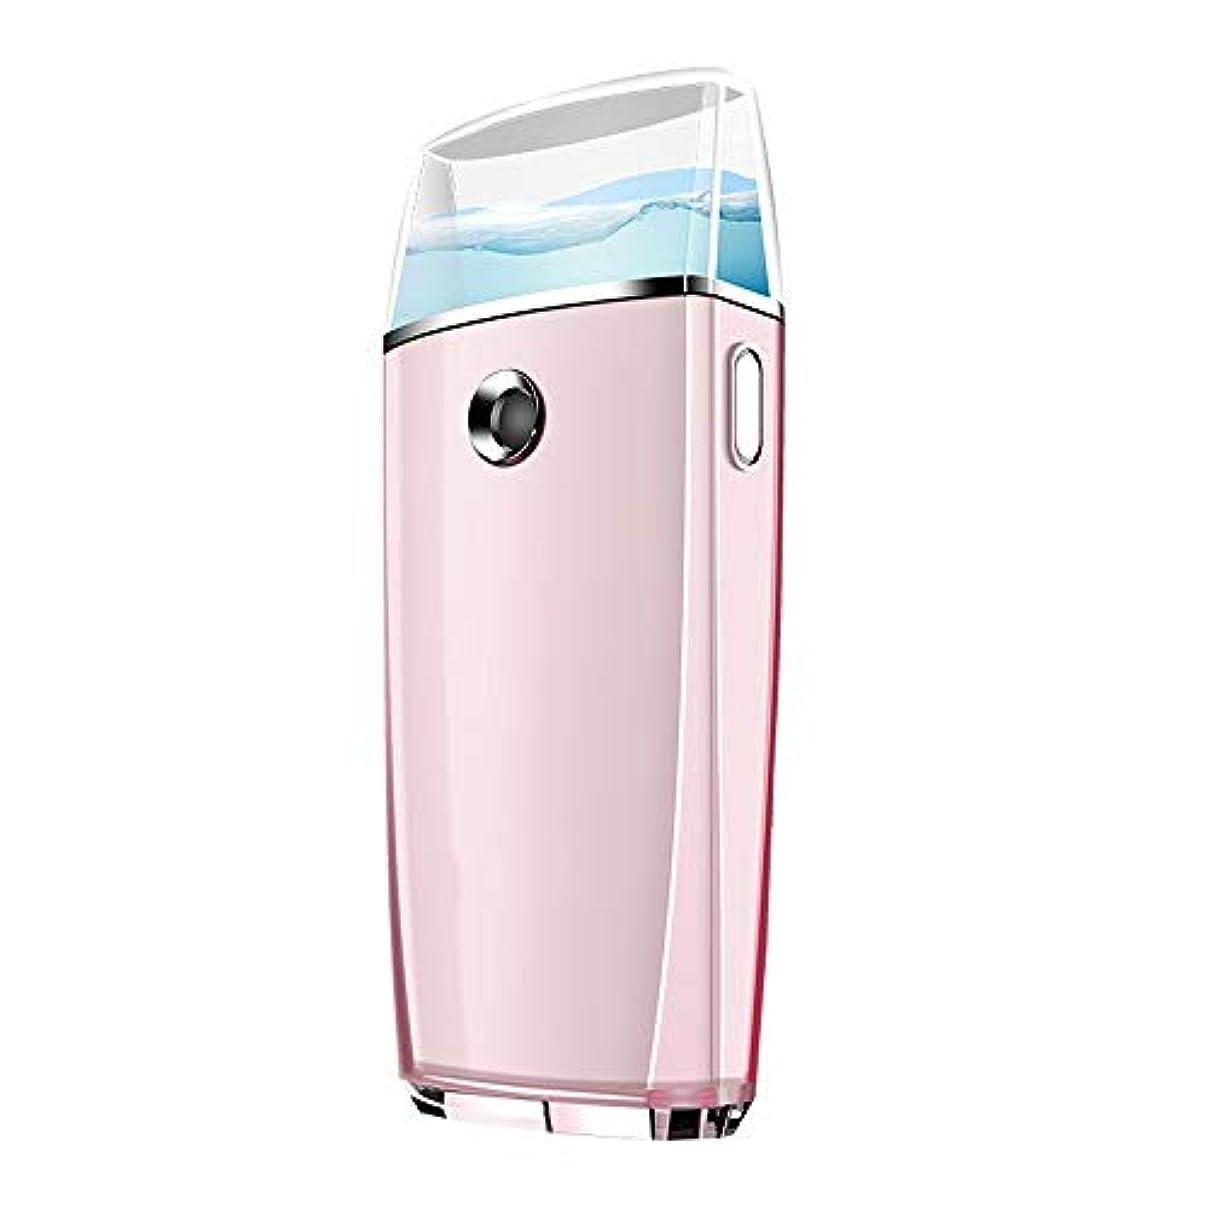 硬化するテレマコス群がるZXF ナノスプレー水道メーターポータブル顔美容機器充電表面コールドスプレー機スプレー2ピンクモデルグリーンモデル 滑らかである (色 : Pink)